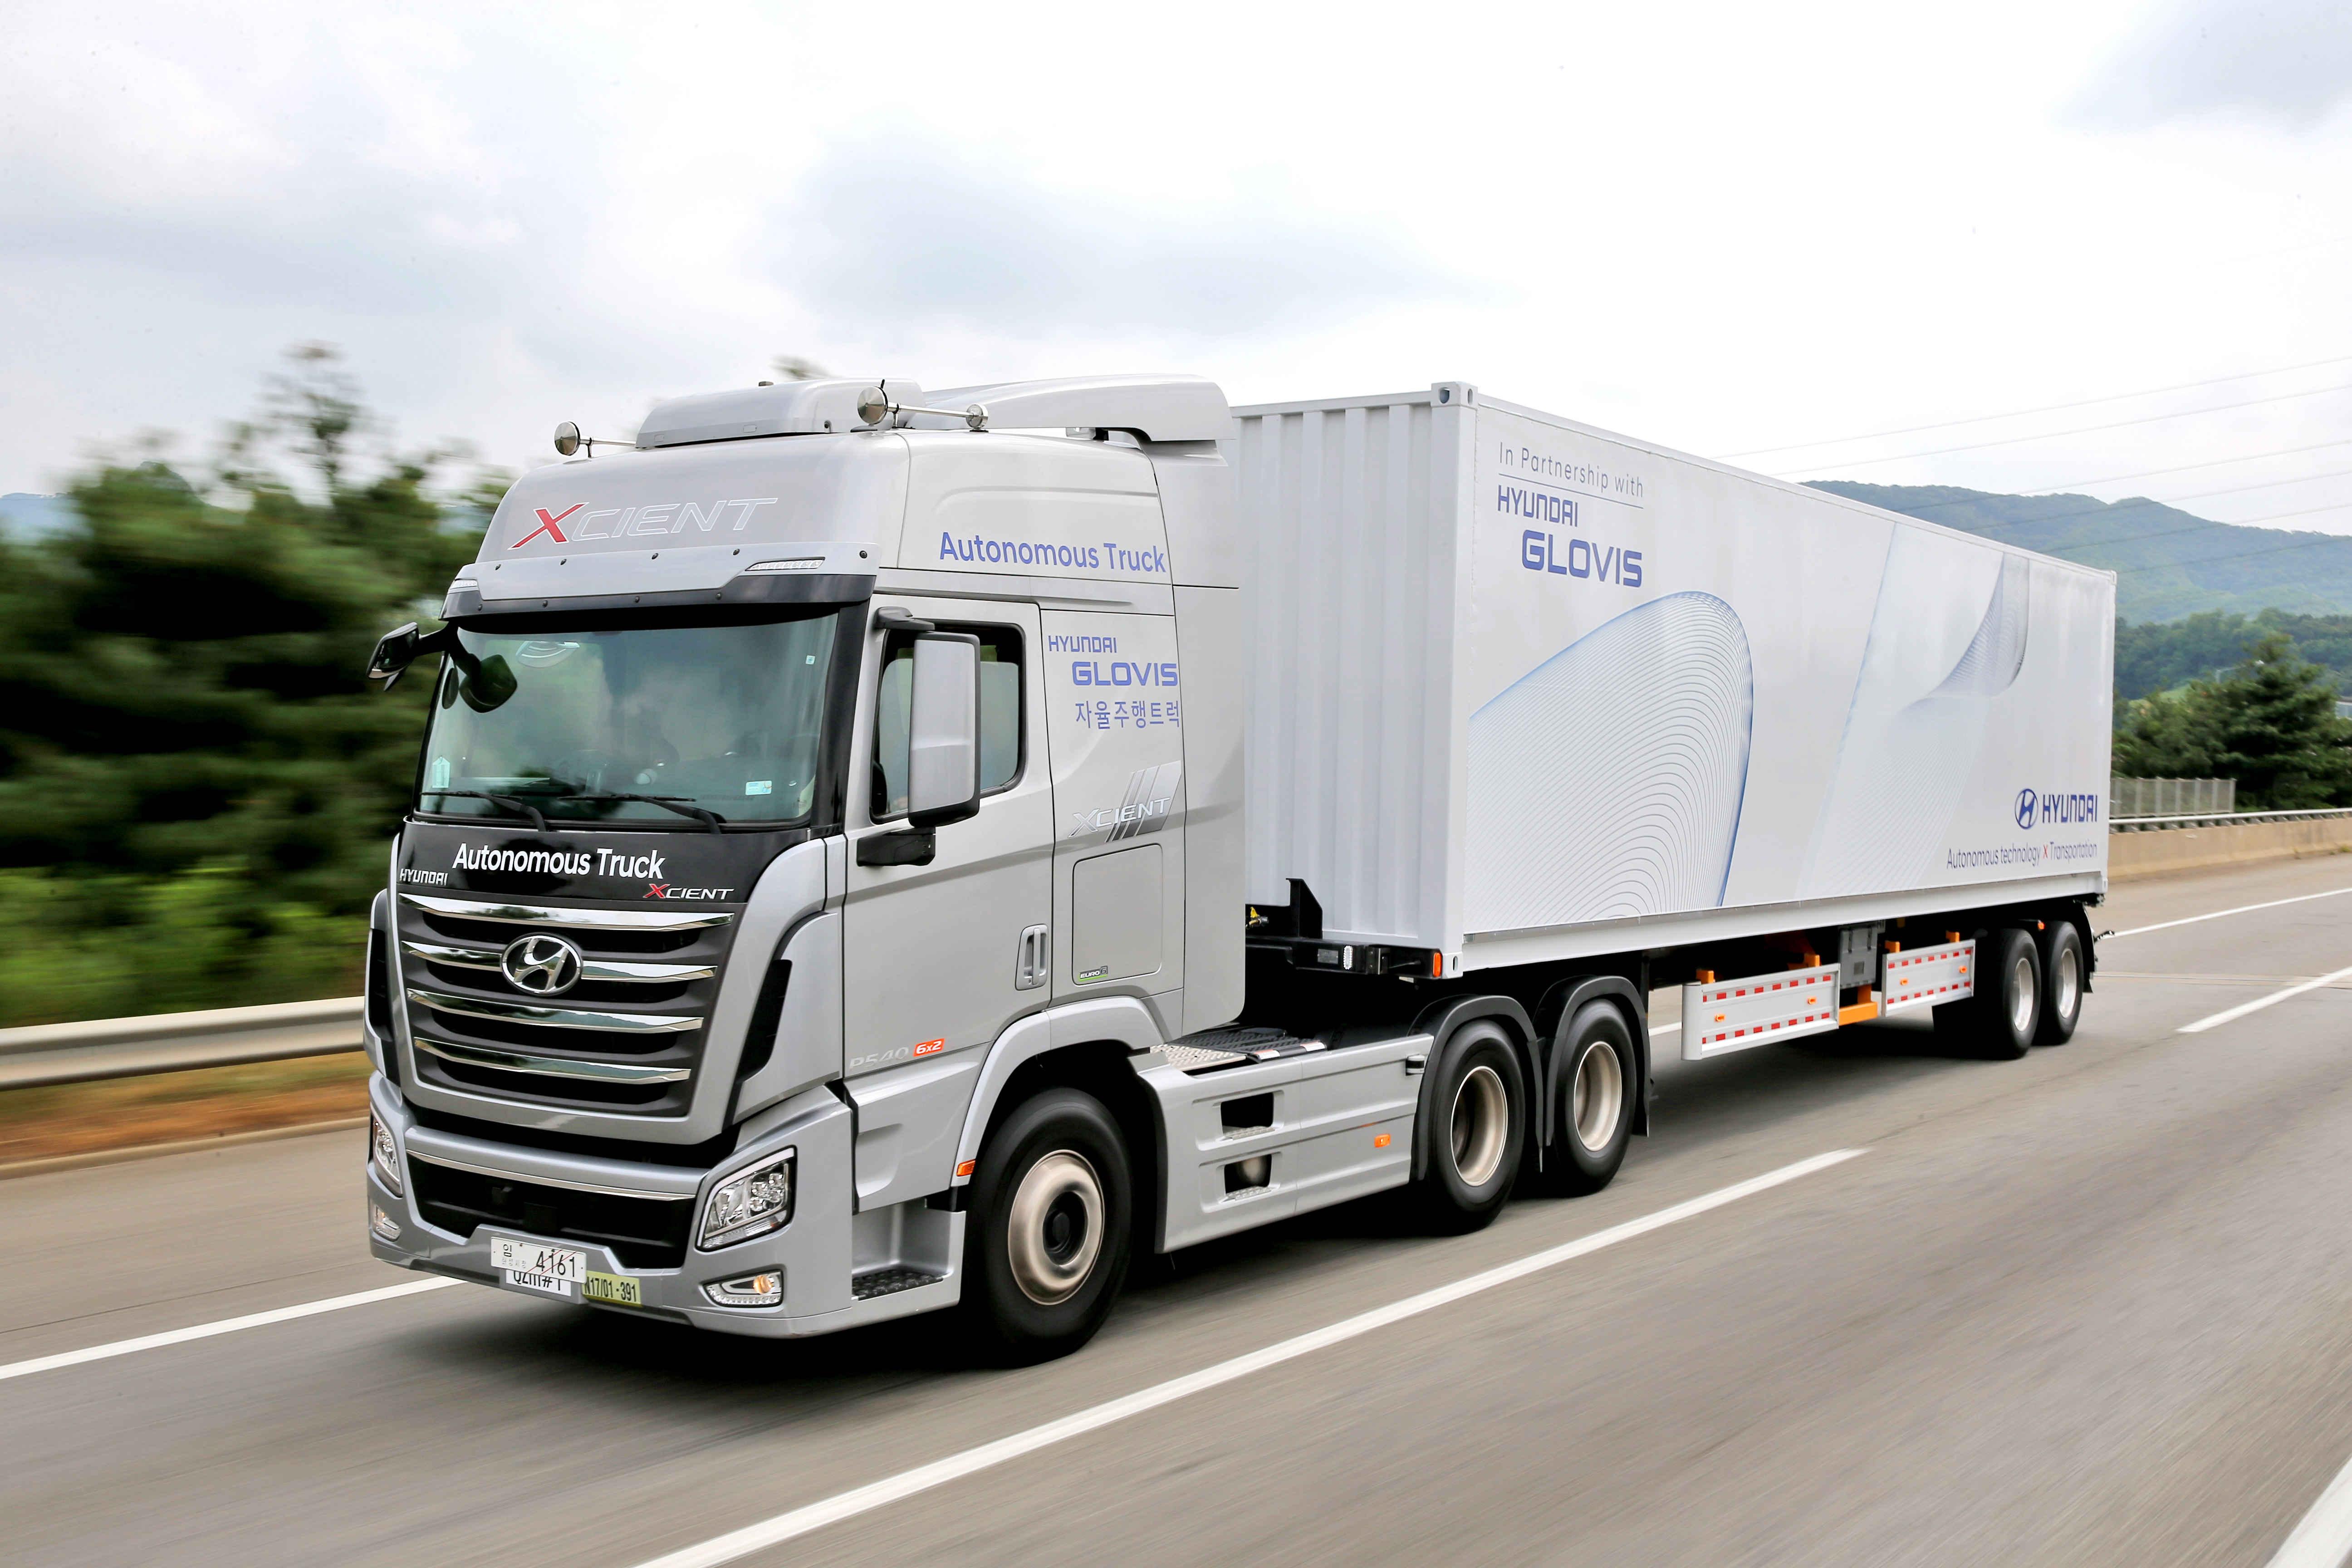 Autonómny nákladiak Hyundai 2018